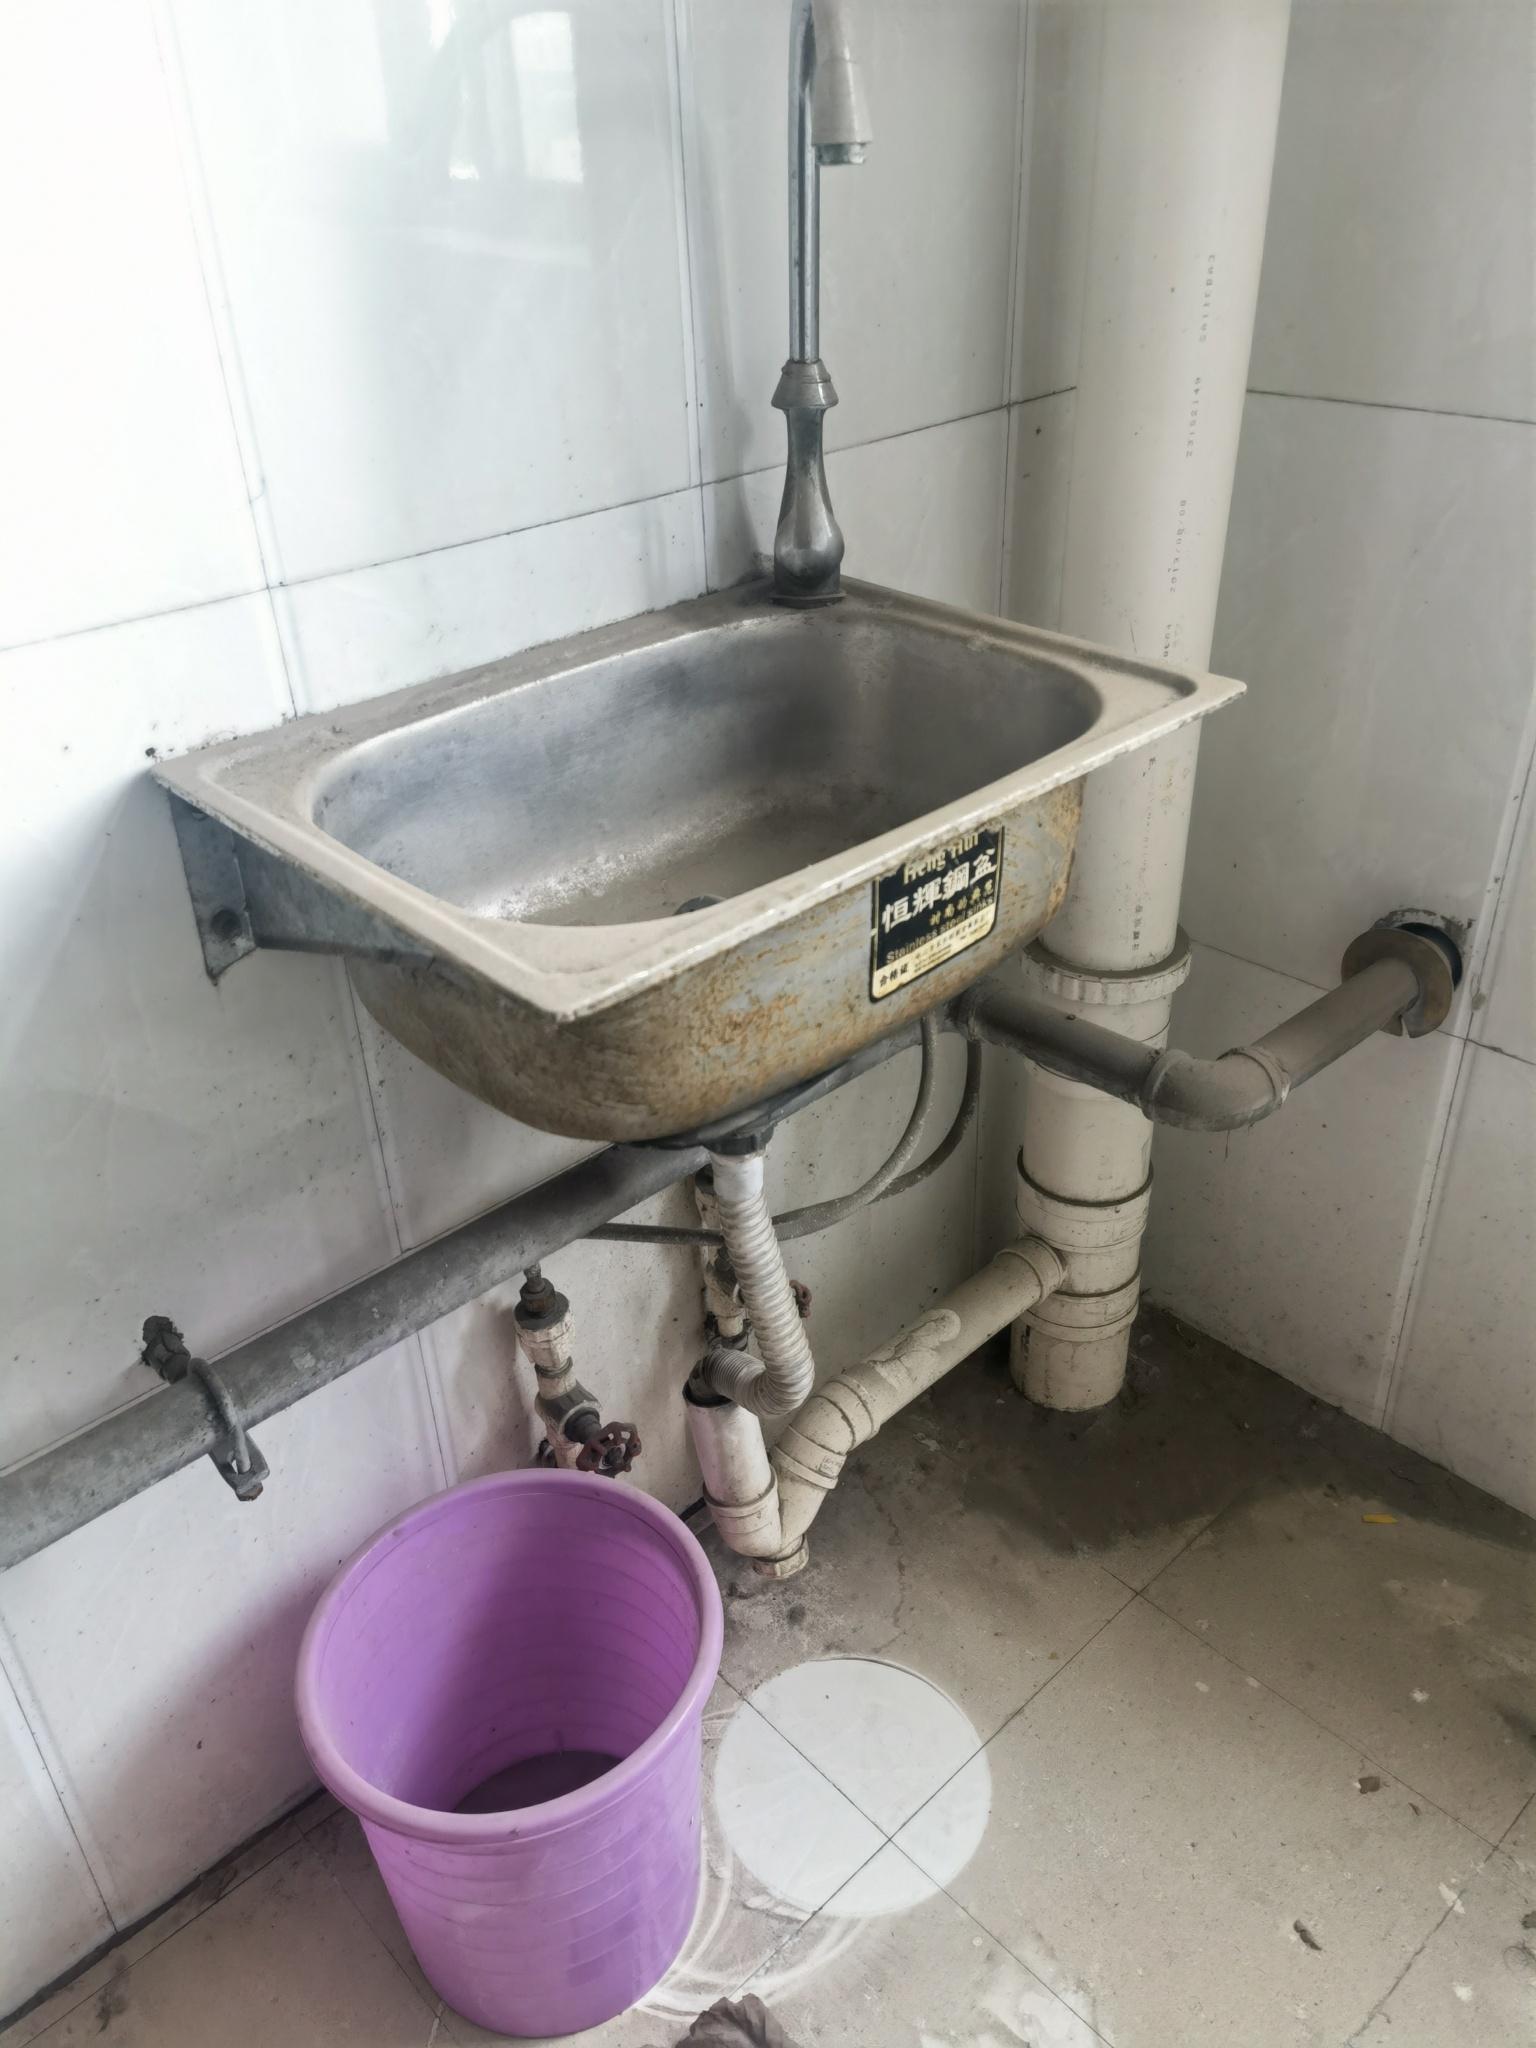 热水器的冷热管和洗碗池的进水管可以交换位置吗?